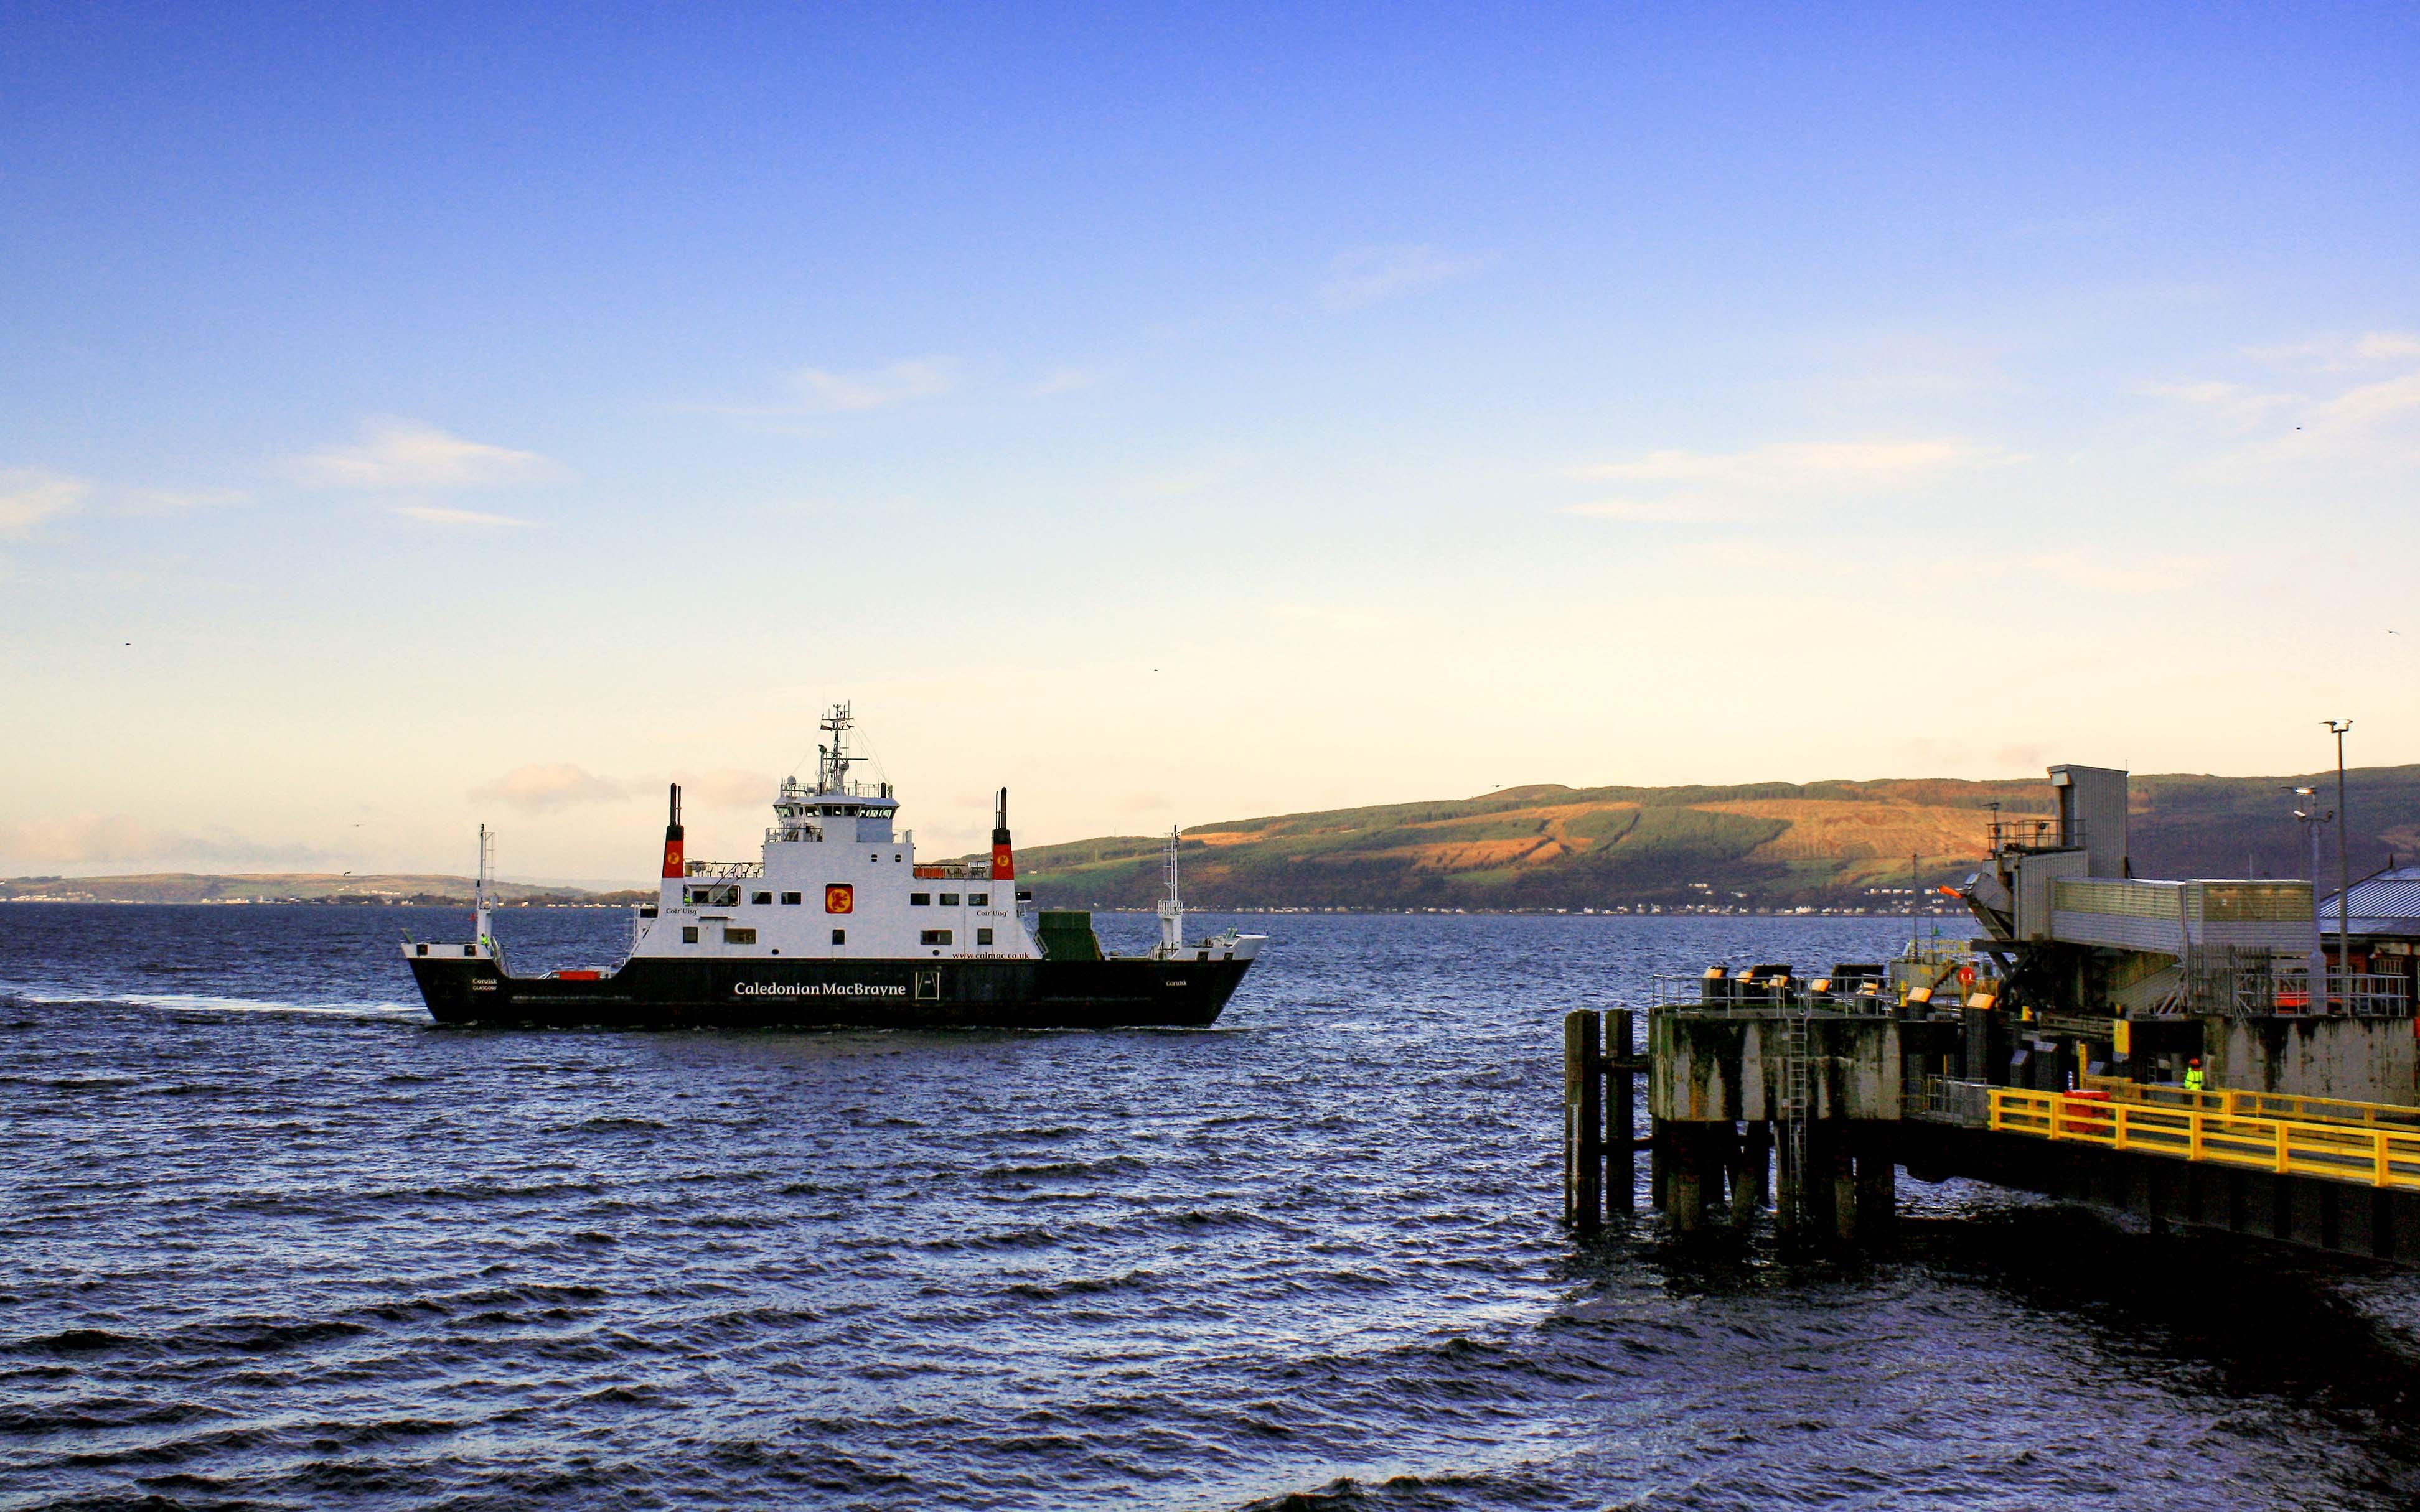 Coruisk arriving at Wemyss Bay (Ships of CalMac)